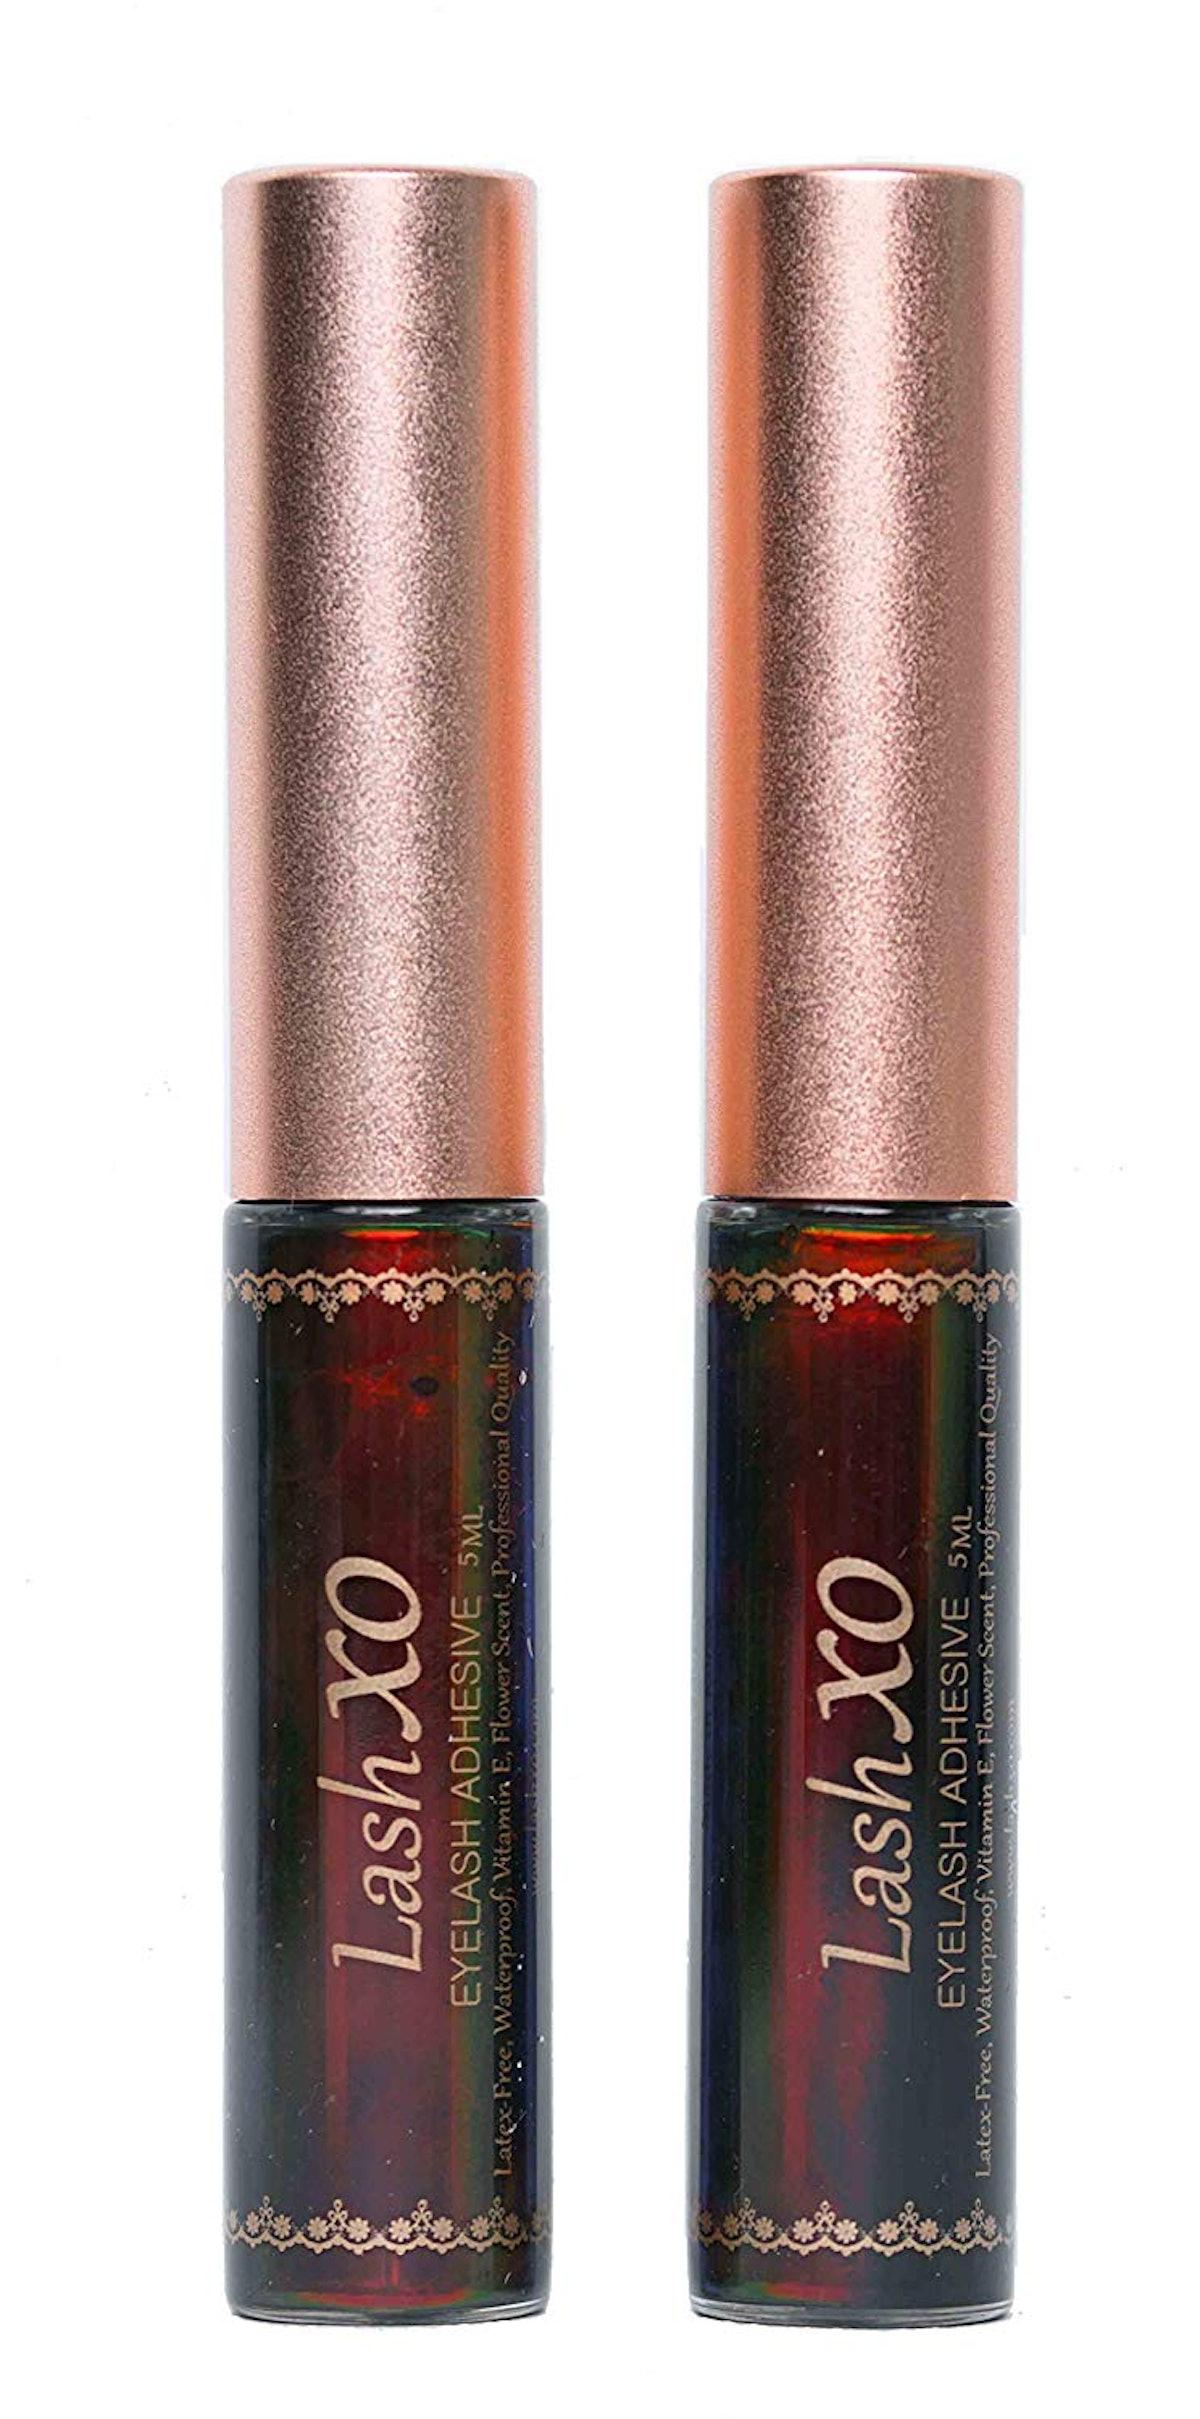 LashXO Eyelash Adhesive (2-Pack)